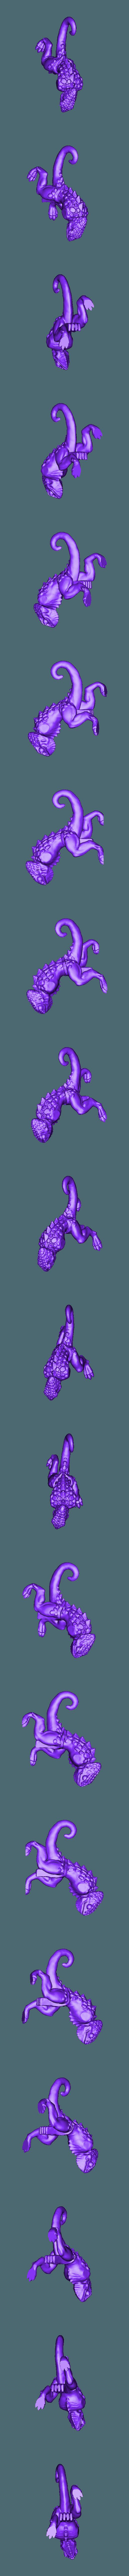 body_v1.stl Télécharger fichier STL gratuit Miniatures de guerriers caméléons • Design à imprimer en 3D, Ilhadiel